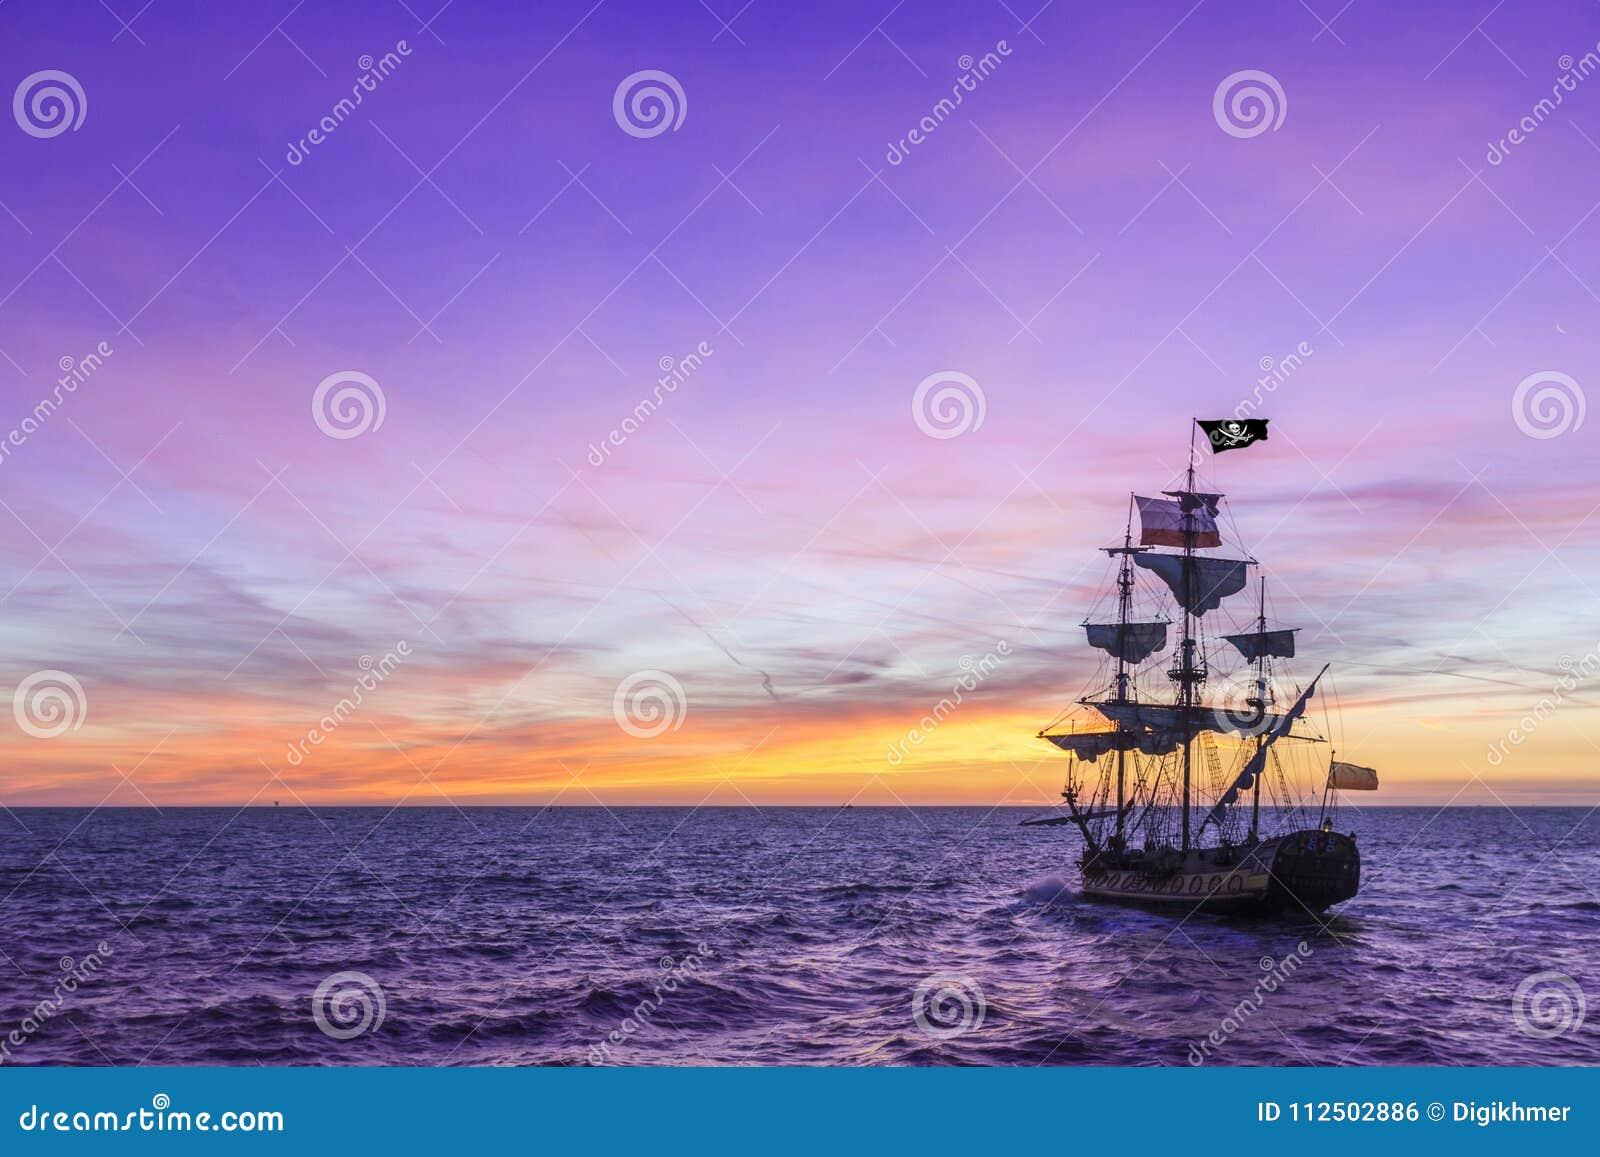 Piratkopiera skeppet under en violett himmel